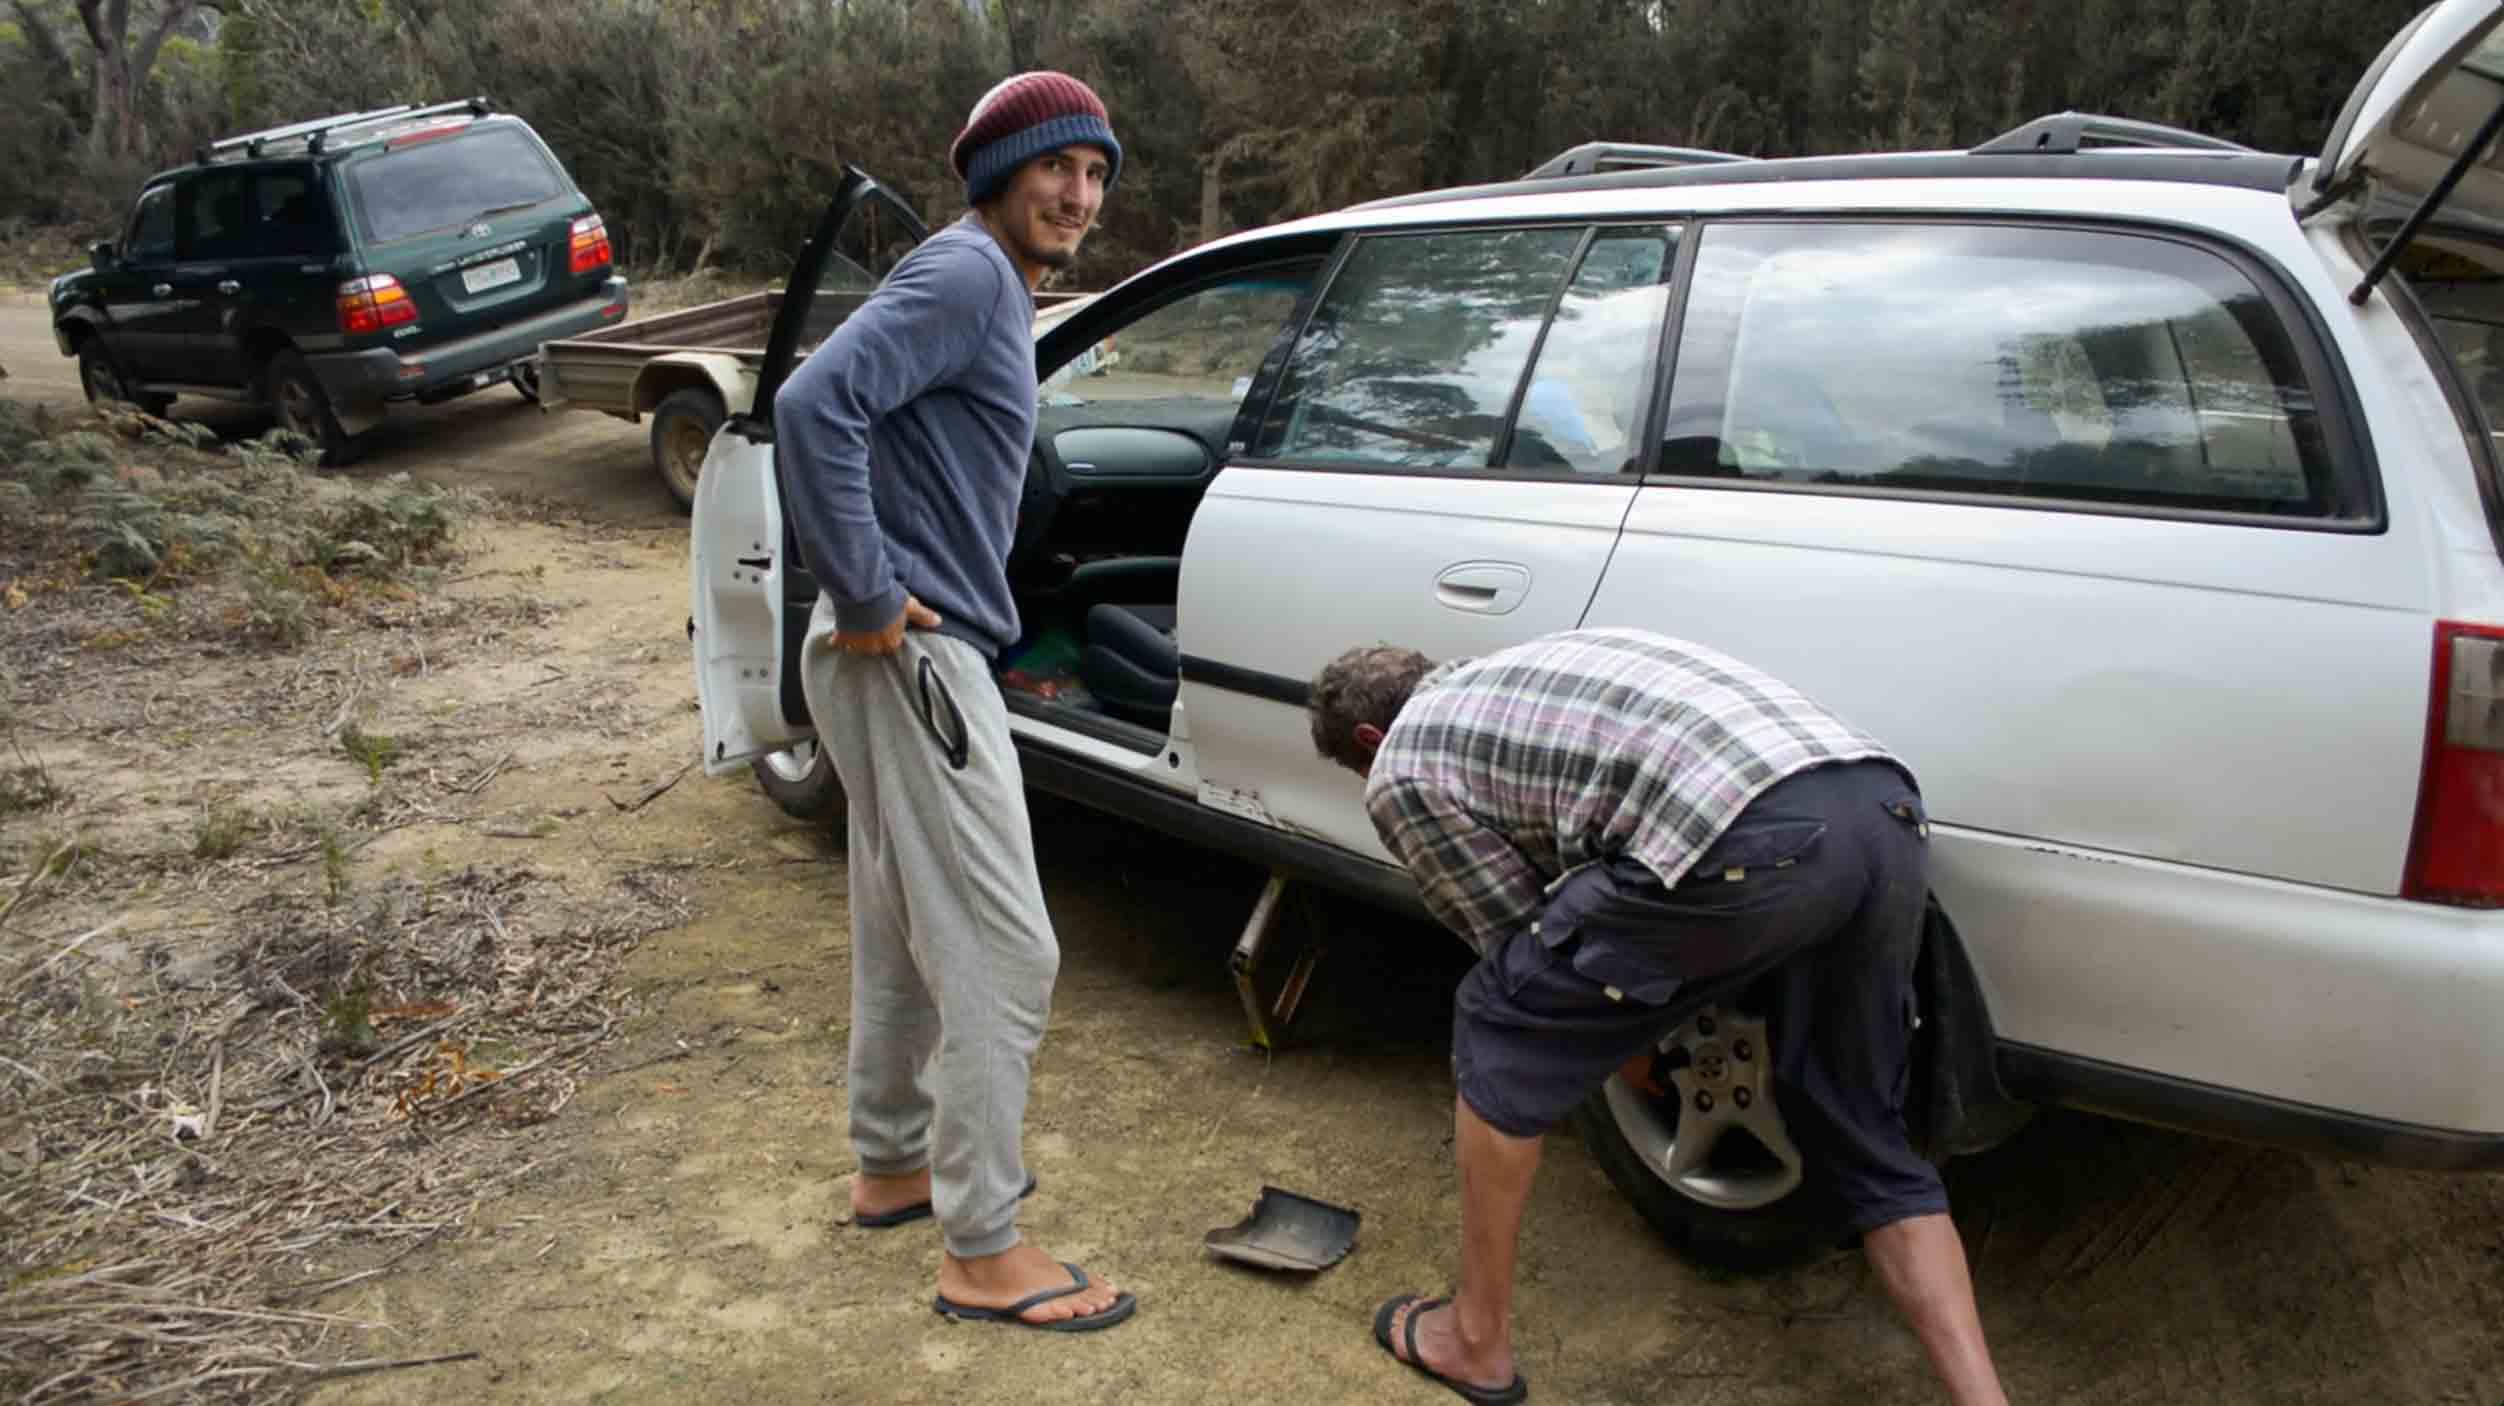 Reifenwechsel nach Autounfall - schlimmste Situation auf Reisen